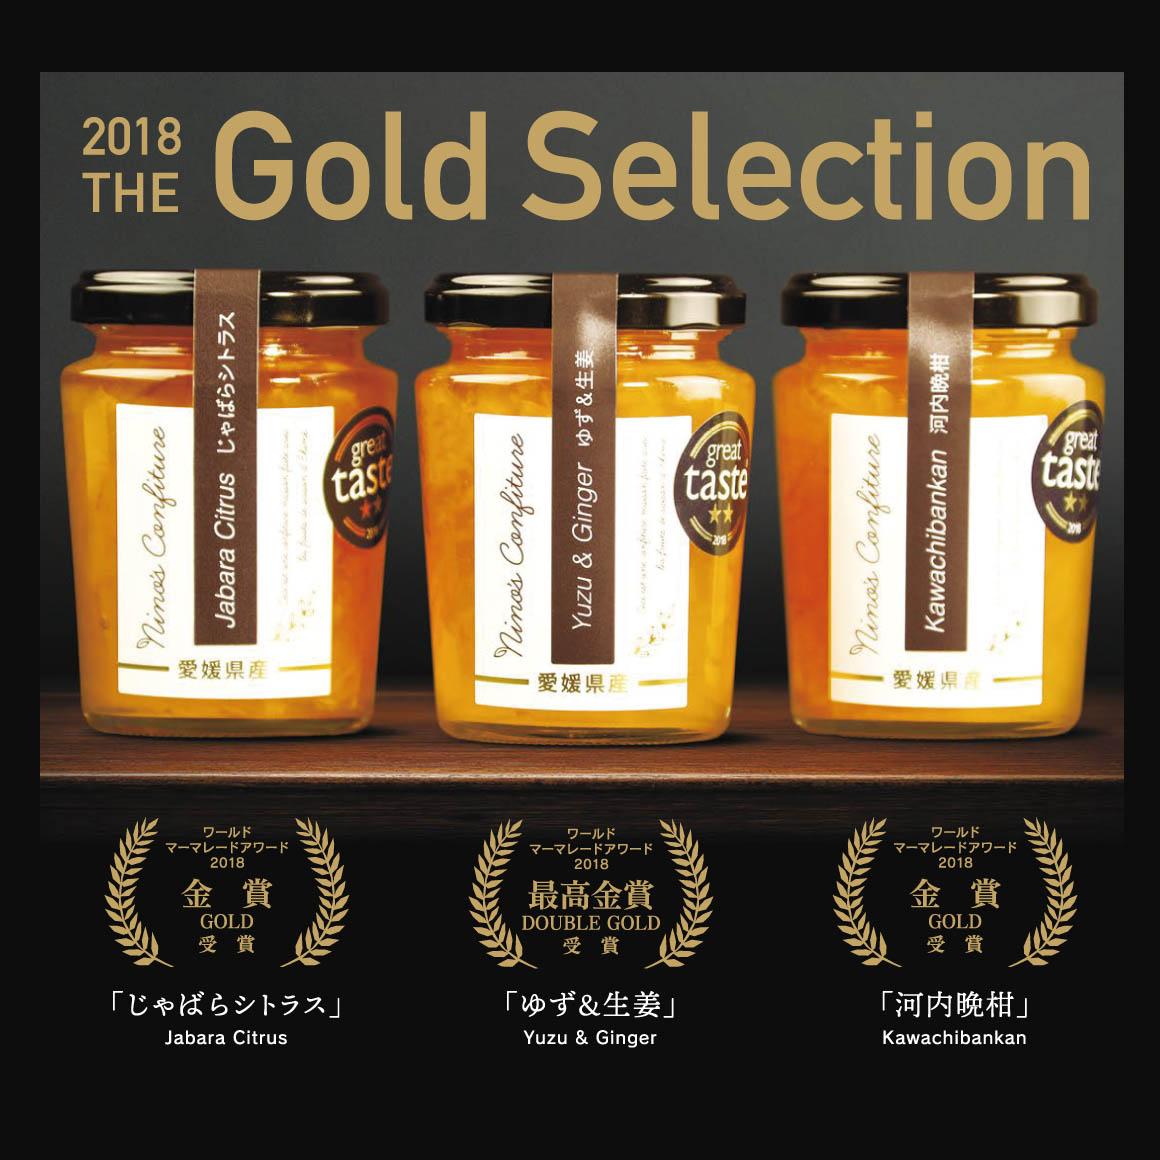 【デザインテンプレート 定期】ニノズコンフィチュール 世界一のコンフィチュール「ゴールドセレクション」